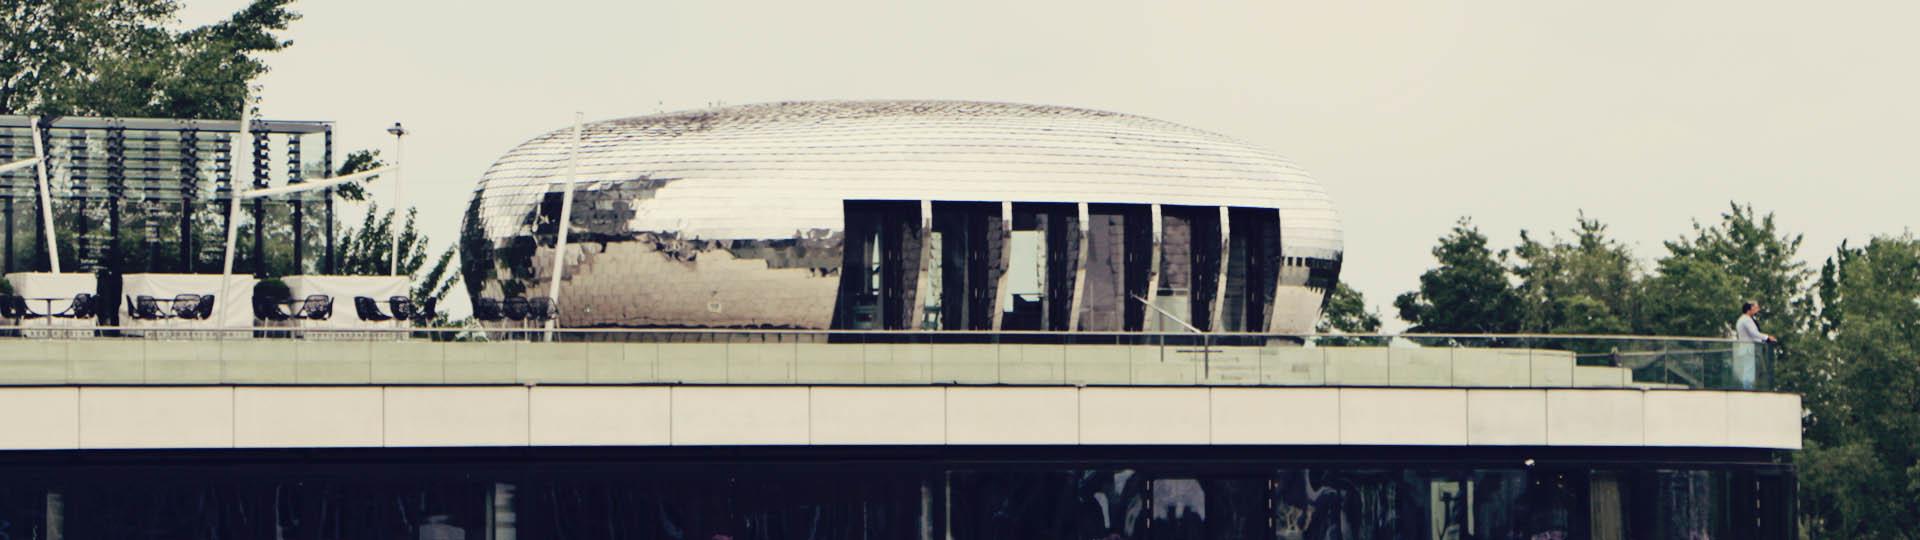 Onde ficar em Dusseldorf? Melhores bairros - 01